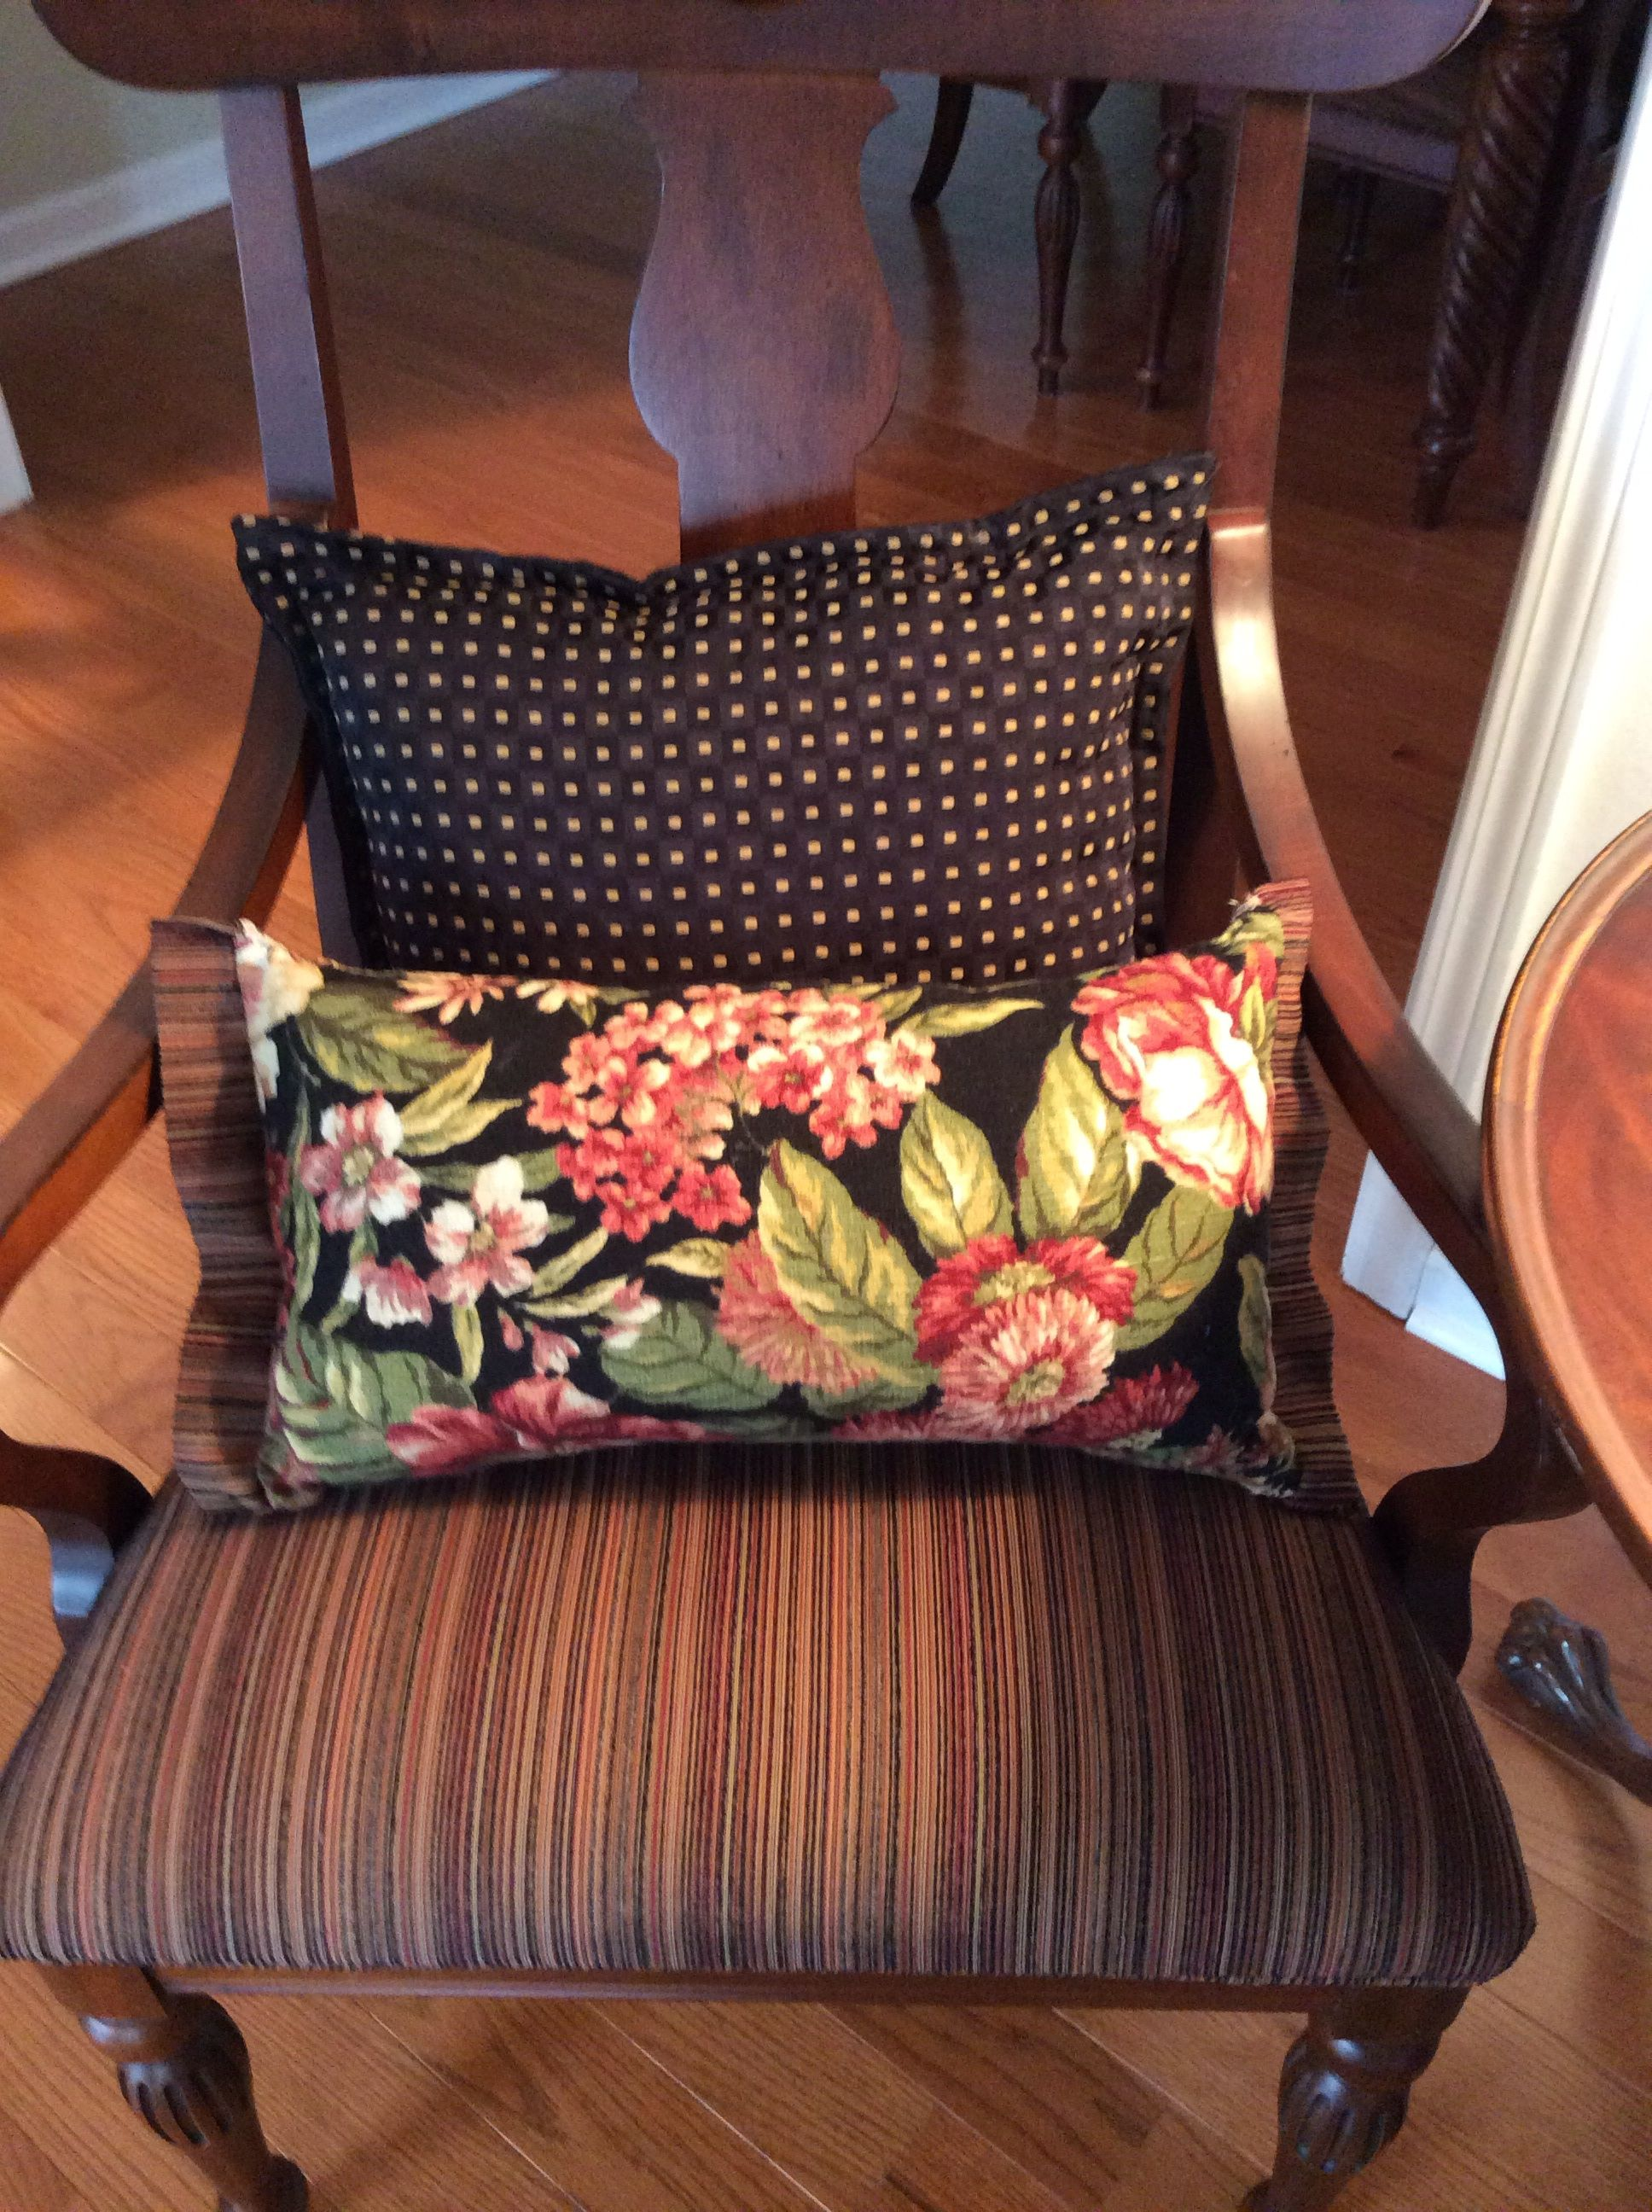 lumbar pillows in contrasting fabrics